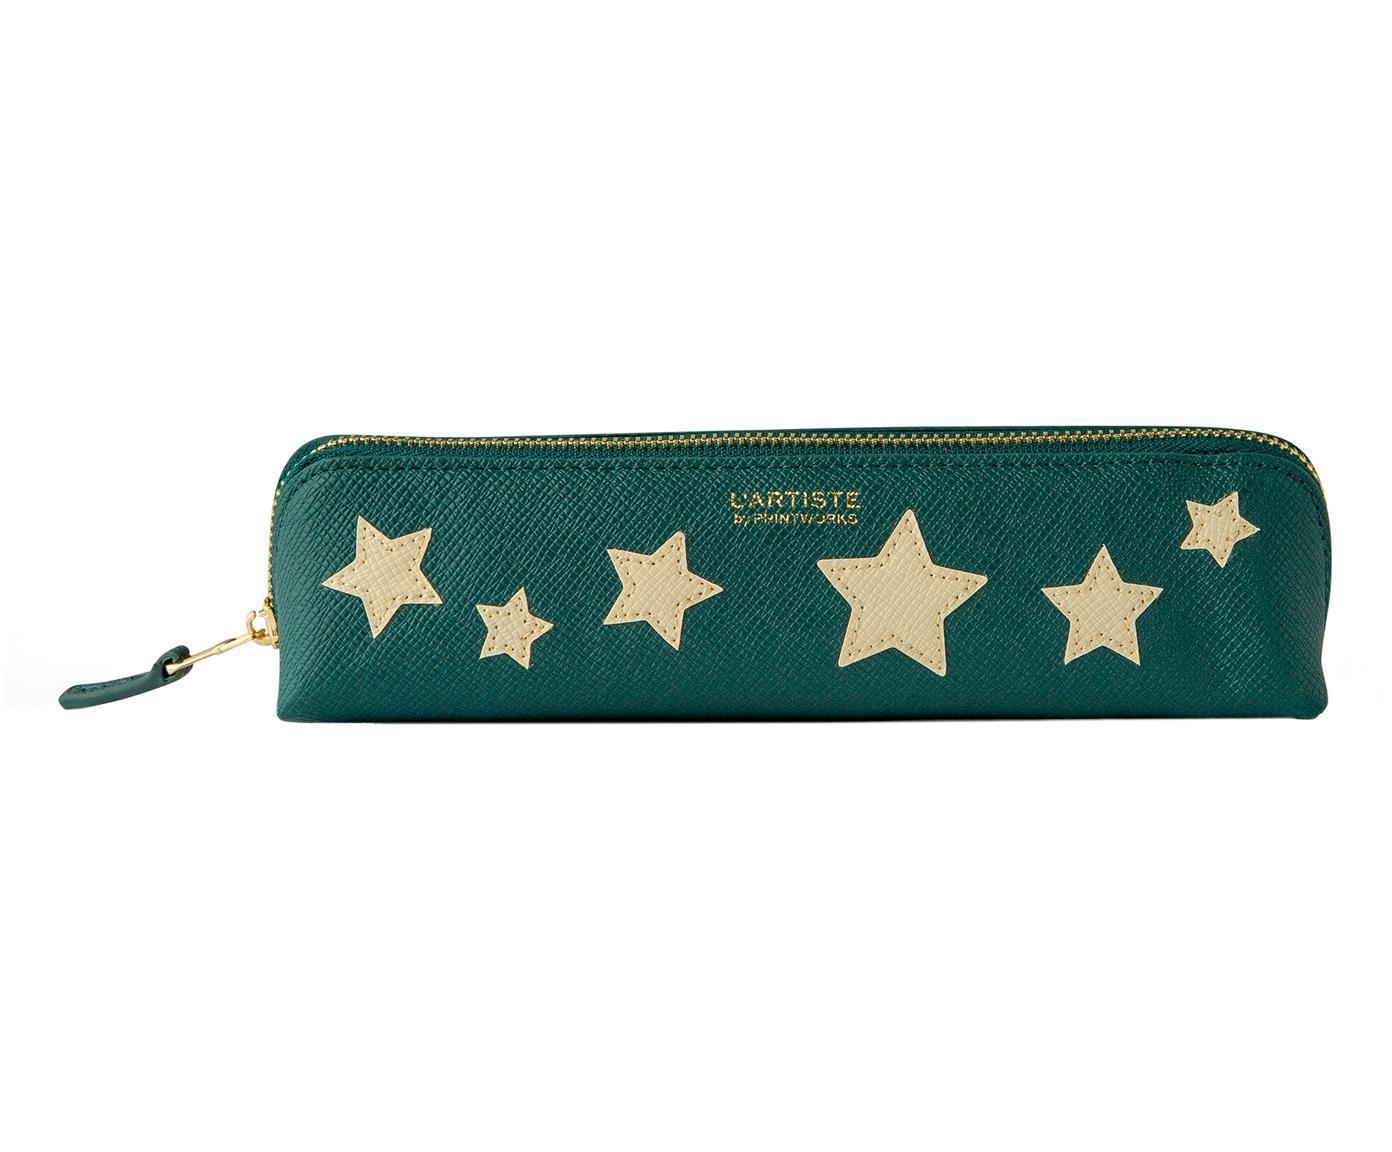 Etui Stars, Kunstleer, Beige, groen, goudkleurig, 21 x 6 cm